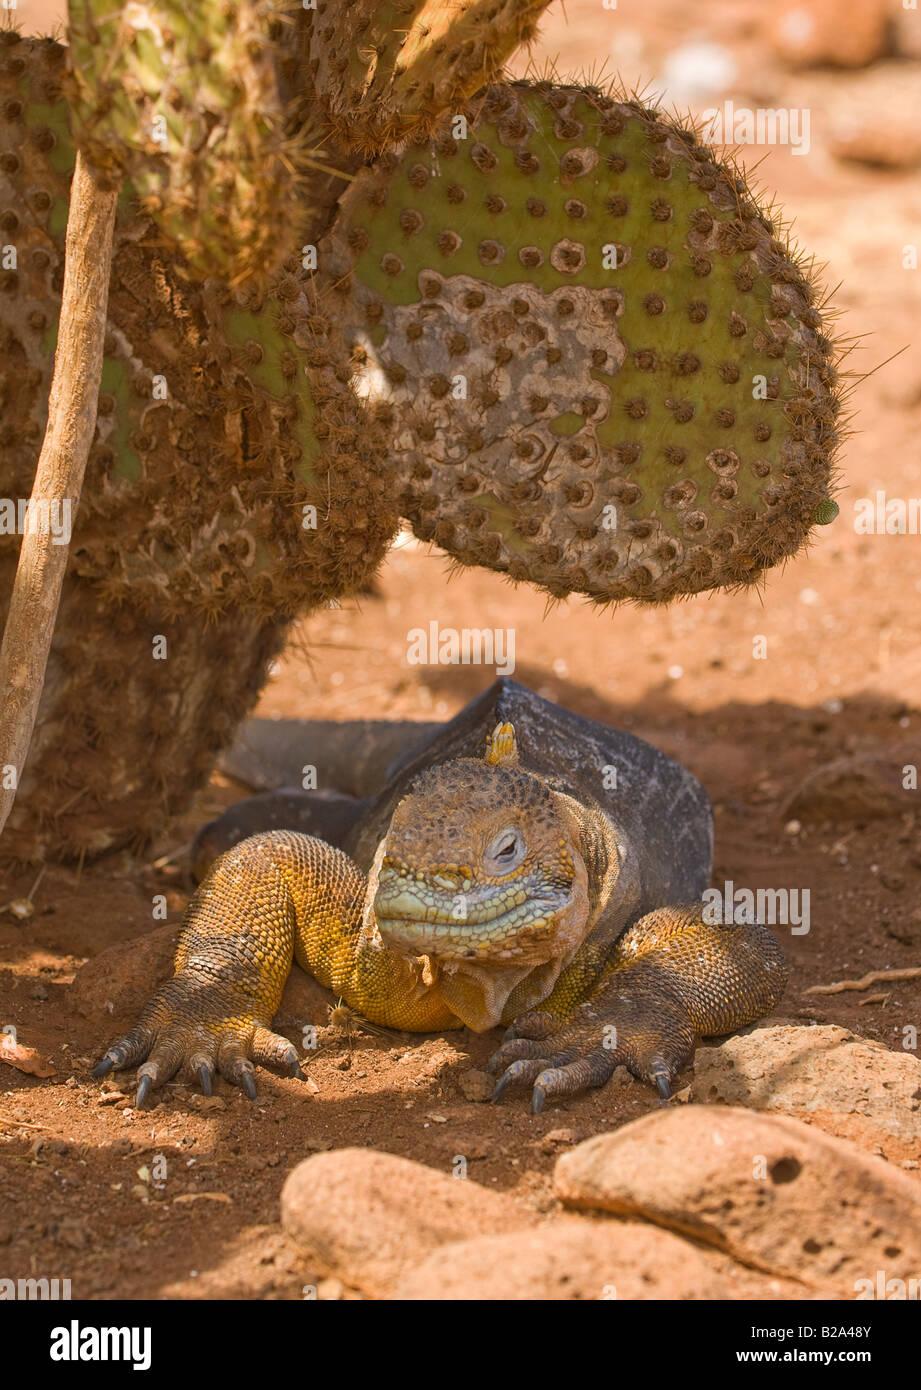 land iguana galapagos islands ecuador - Stock Image